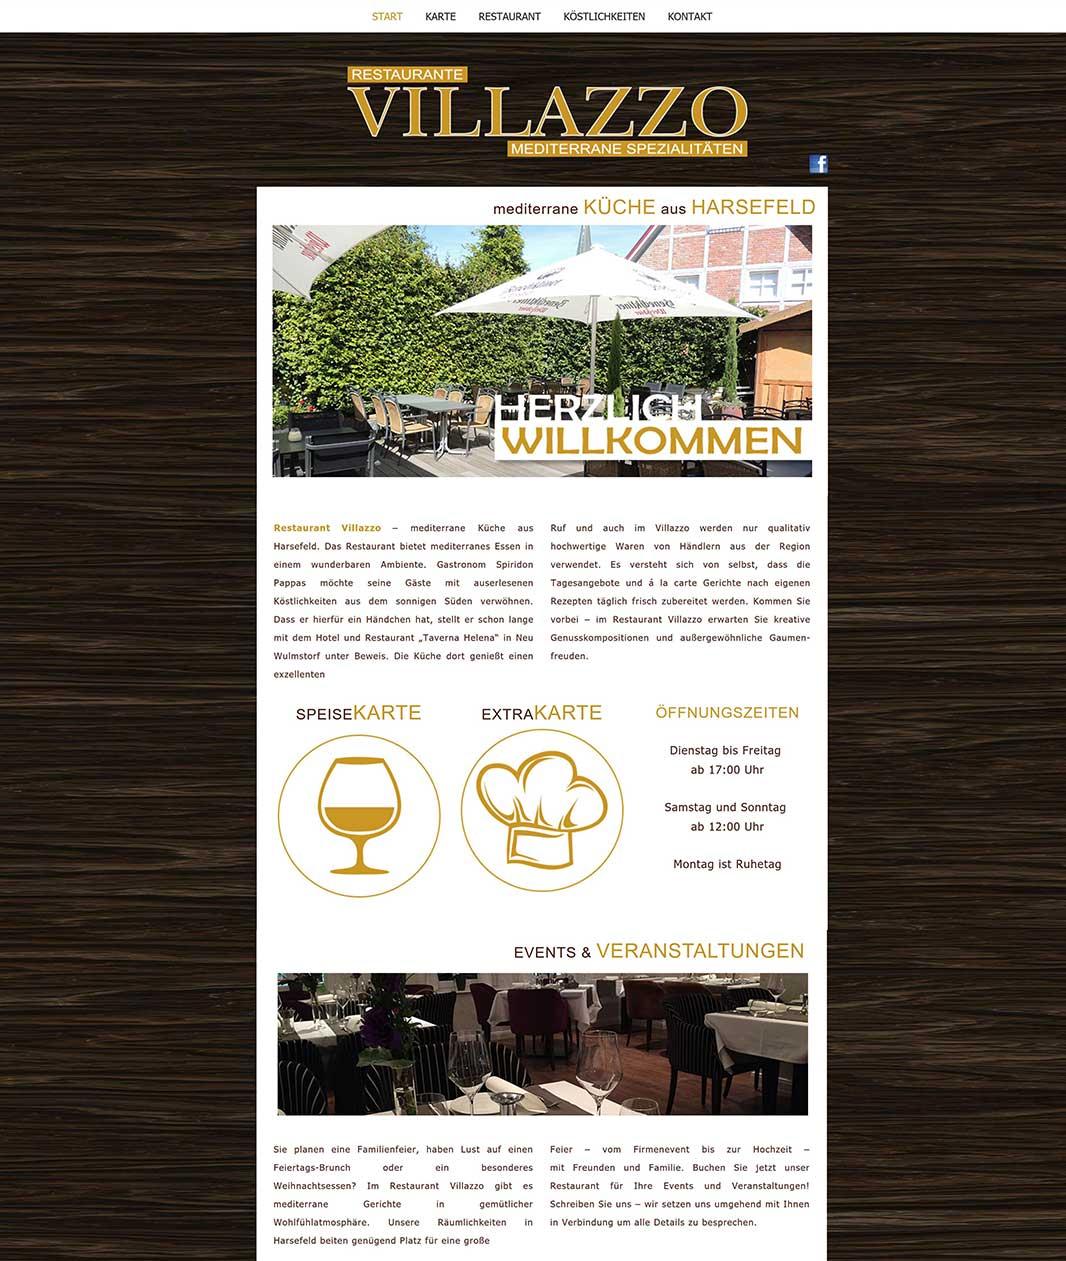 Restaurant-Villazzo-Erstellung-einer-Internetseite